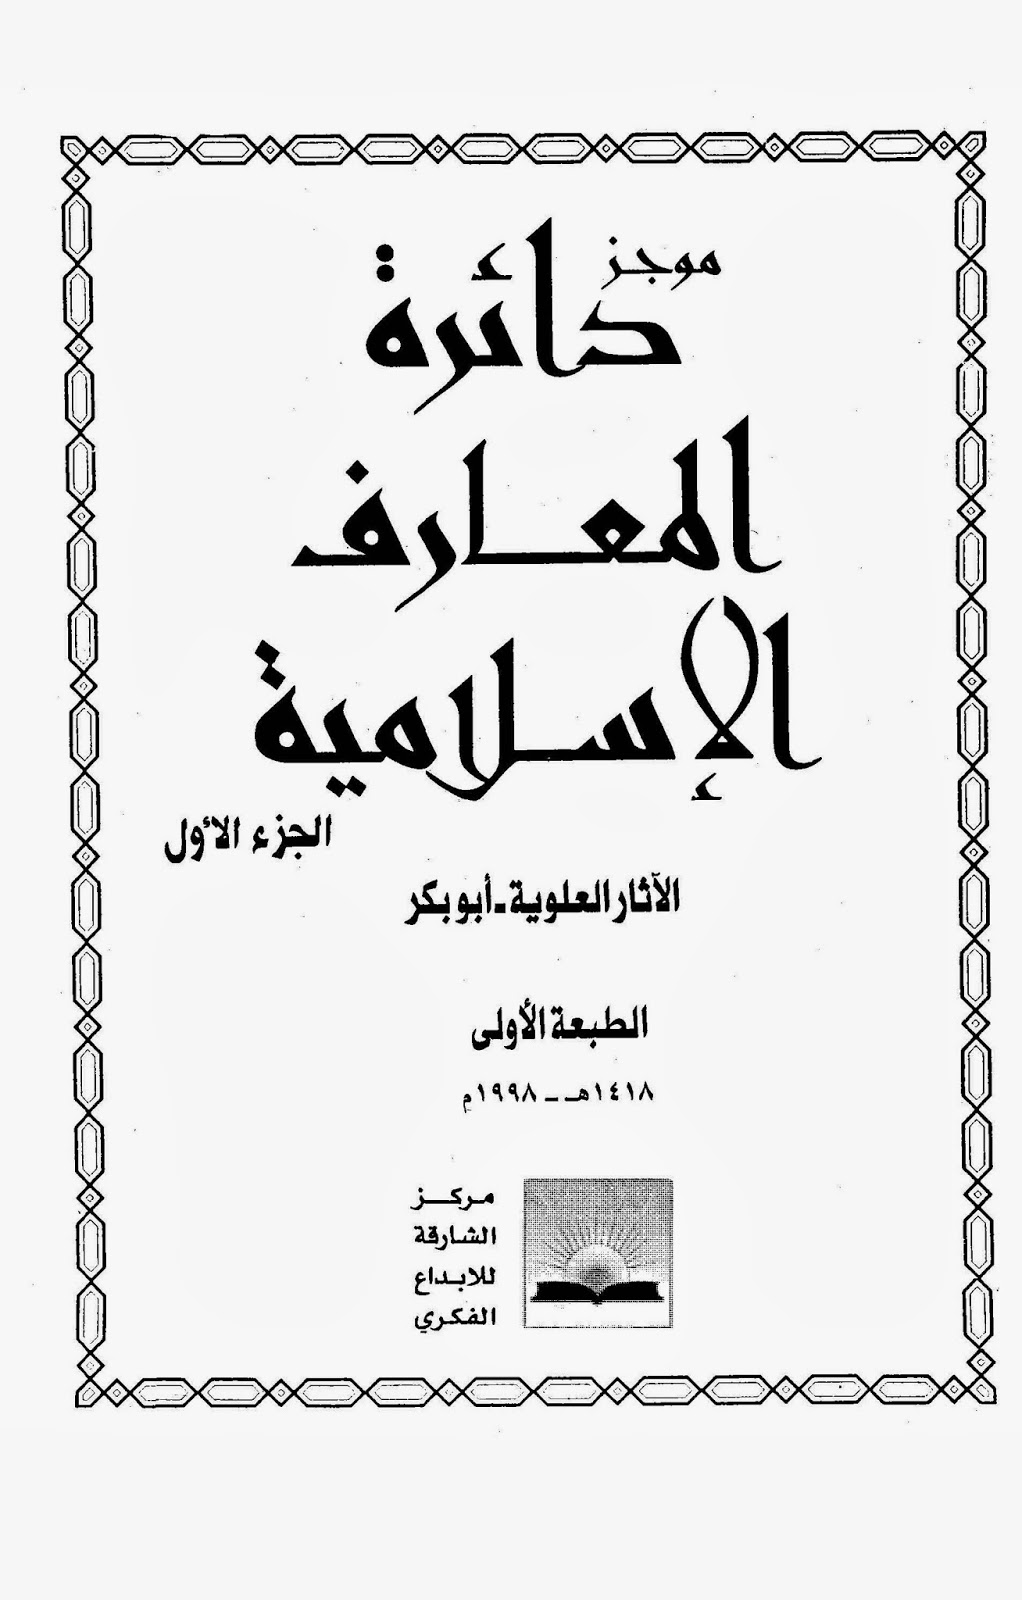 حمل دائرة المعارف الإسلامية - النسخة العربية